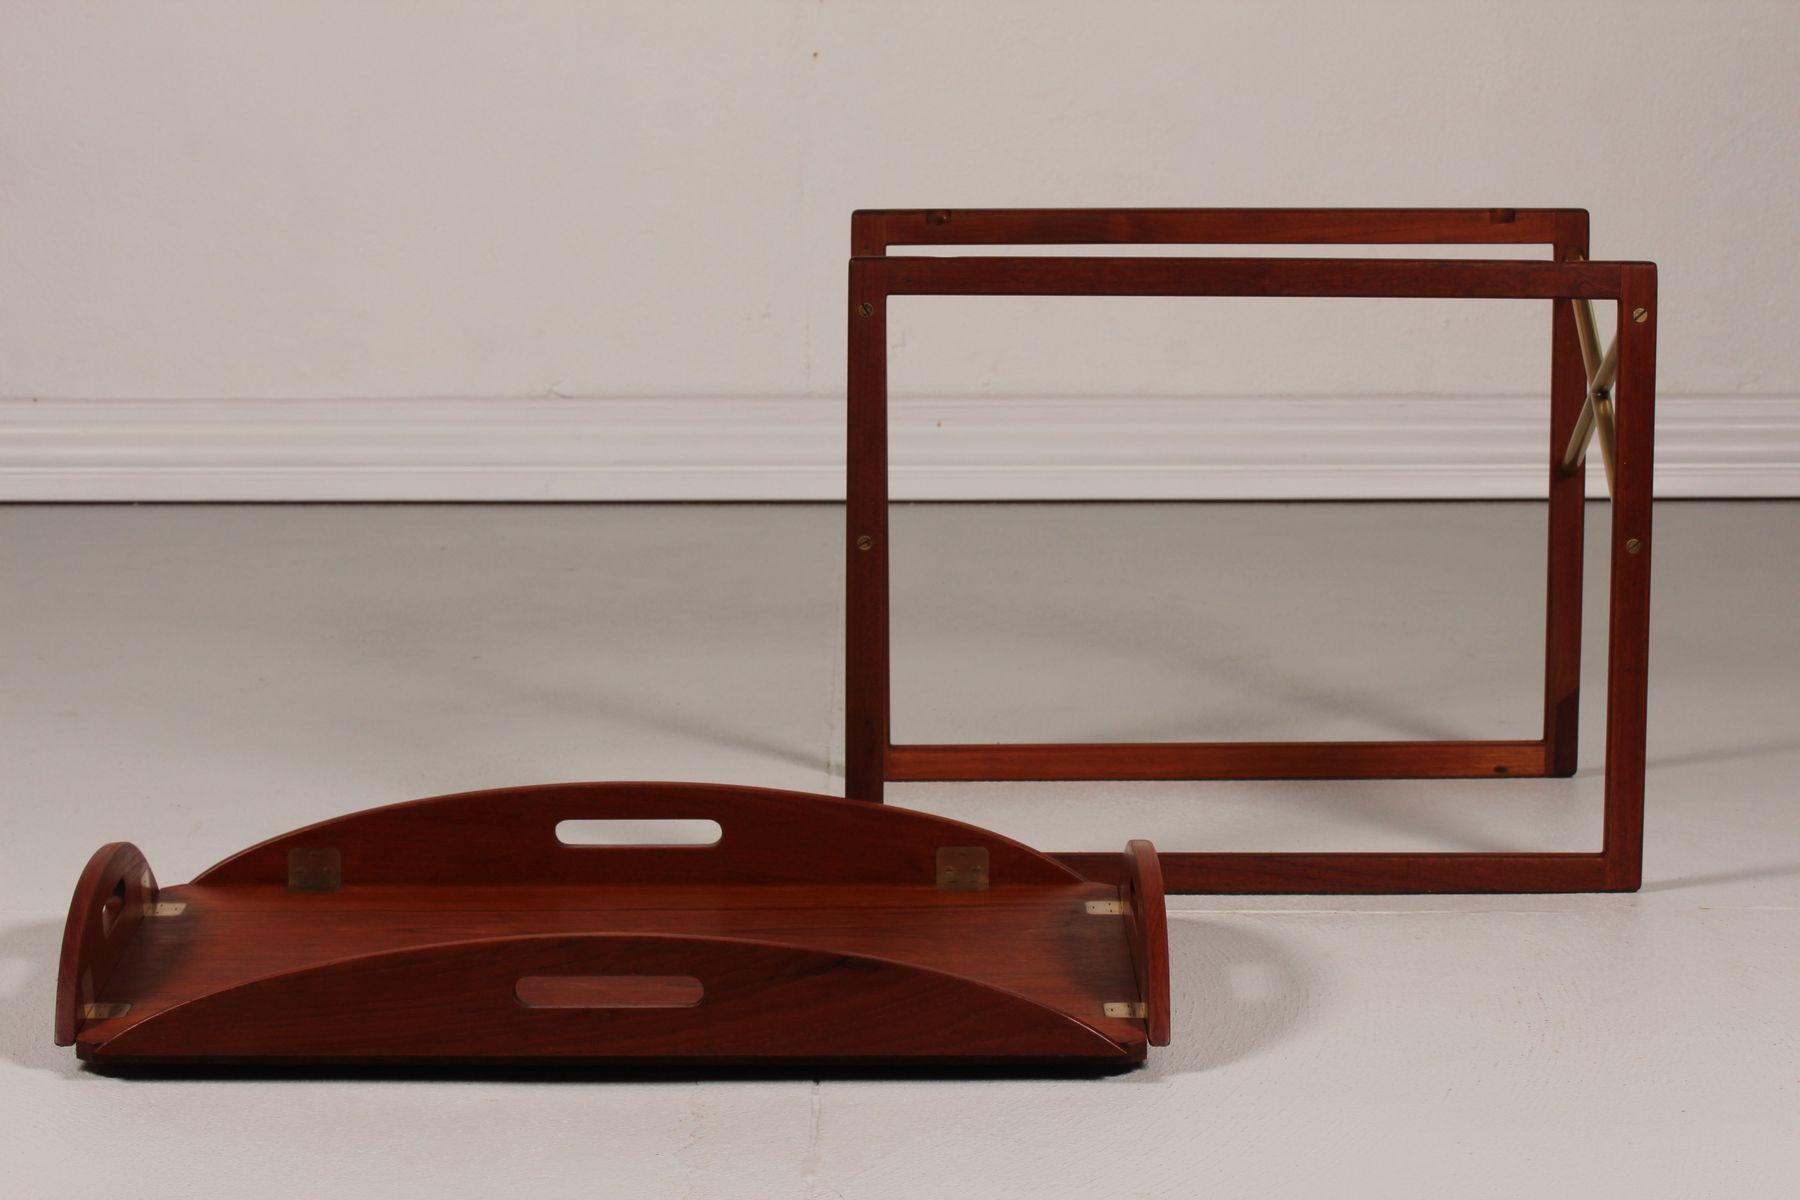 teak couchtisch mit tablett von svend langkilde f r illums bolighus 1960er bei pamono kaufen. Black Bedroom Furniture Sets. Home Design Ideas